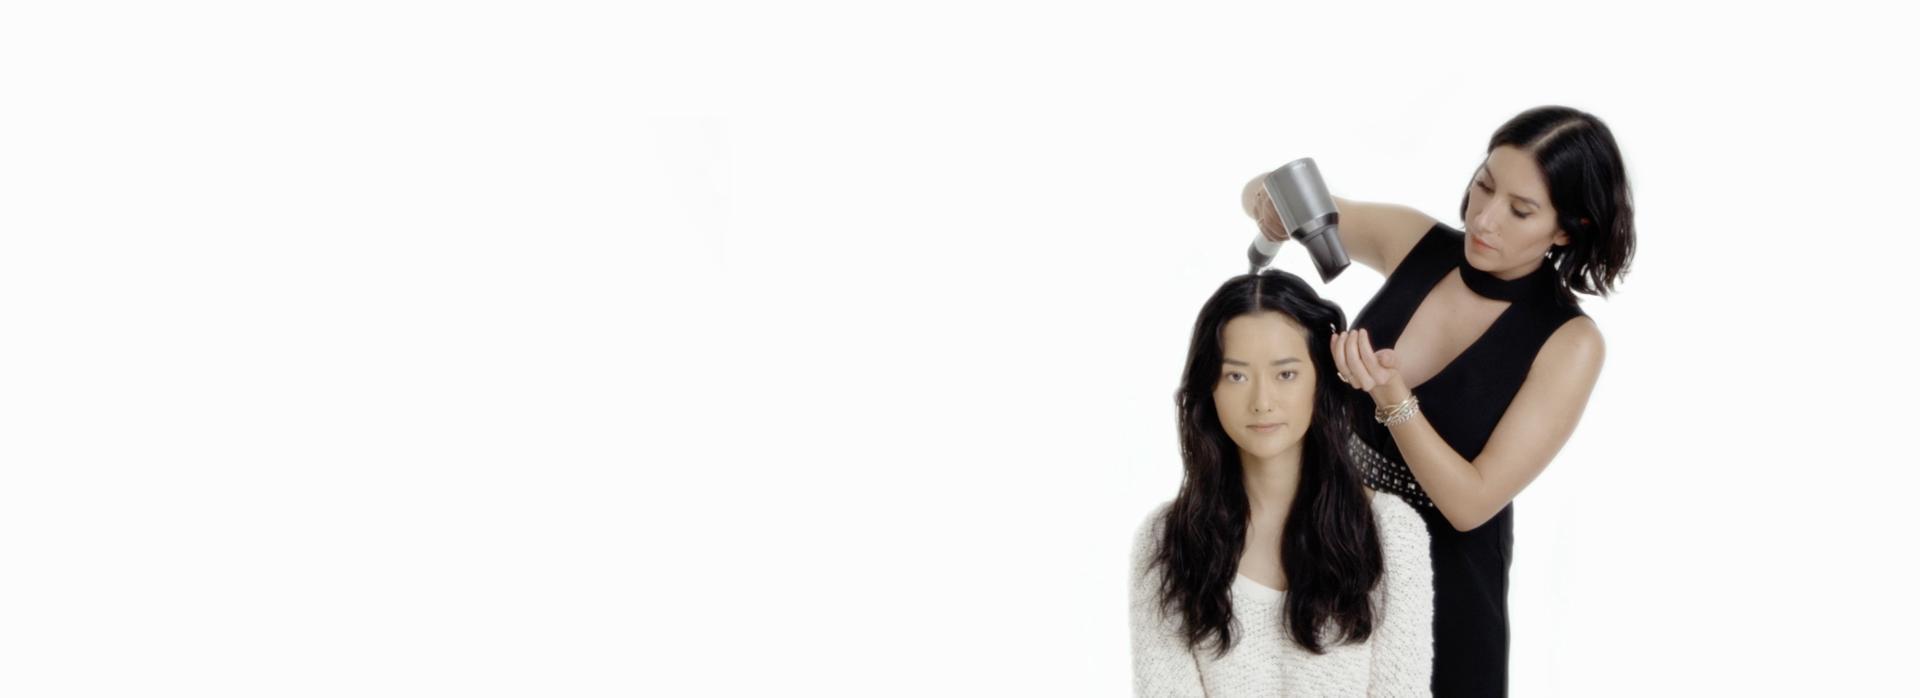 다이슨 슈퍼소닉 프로페셔널로 모델의 헤어를 스타일링 중인 젠 아킨(Jen Atkin)